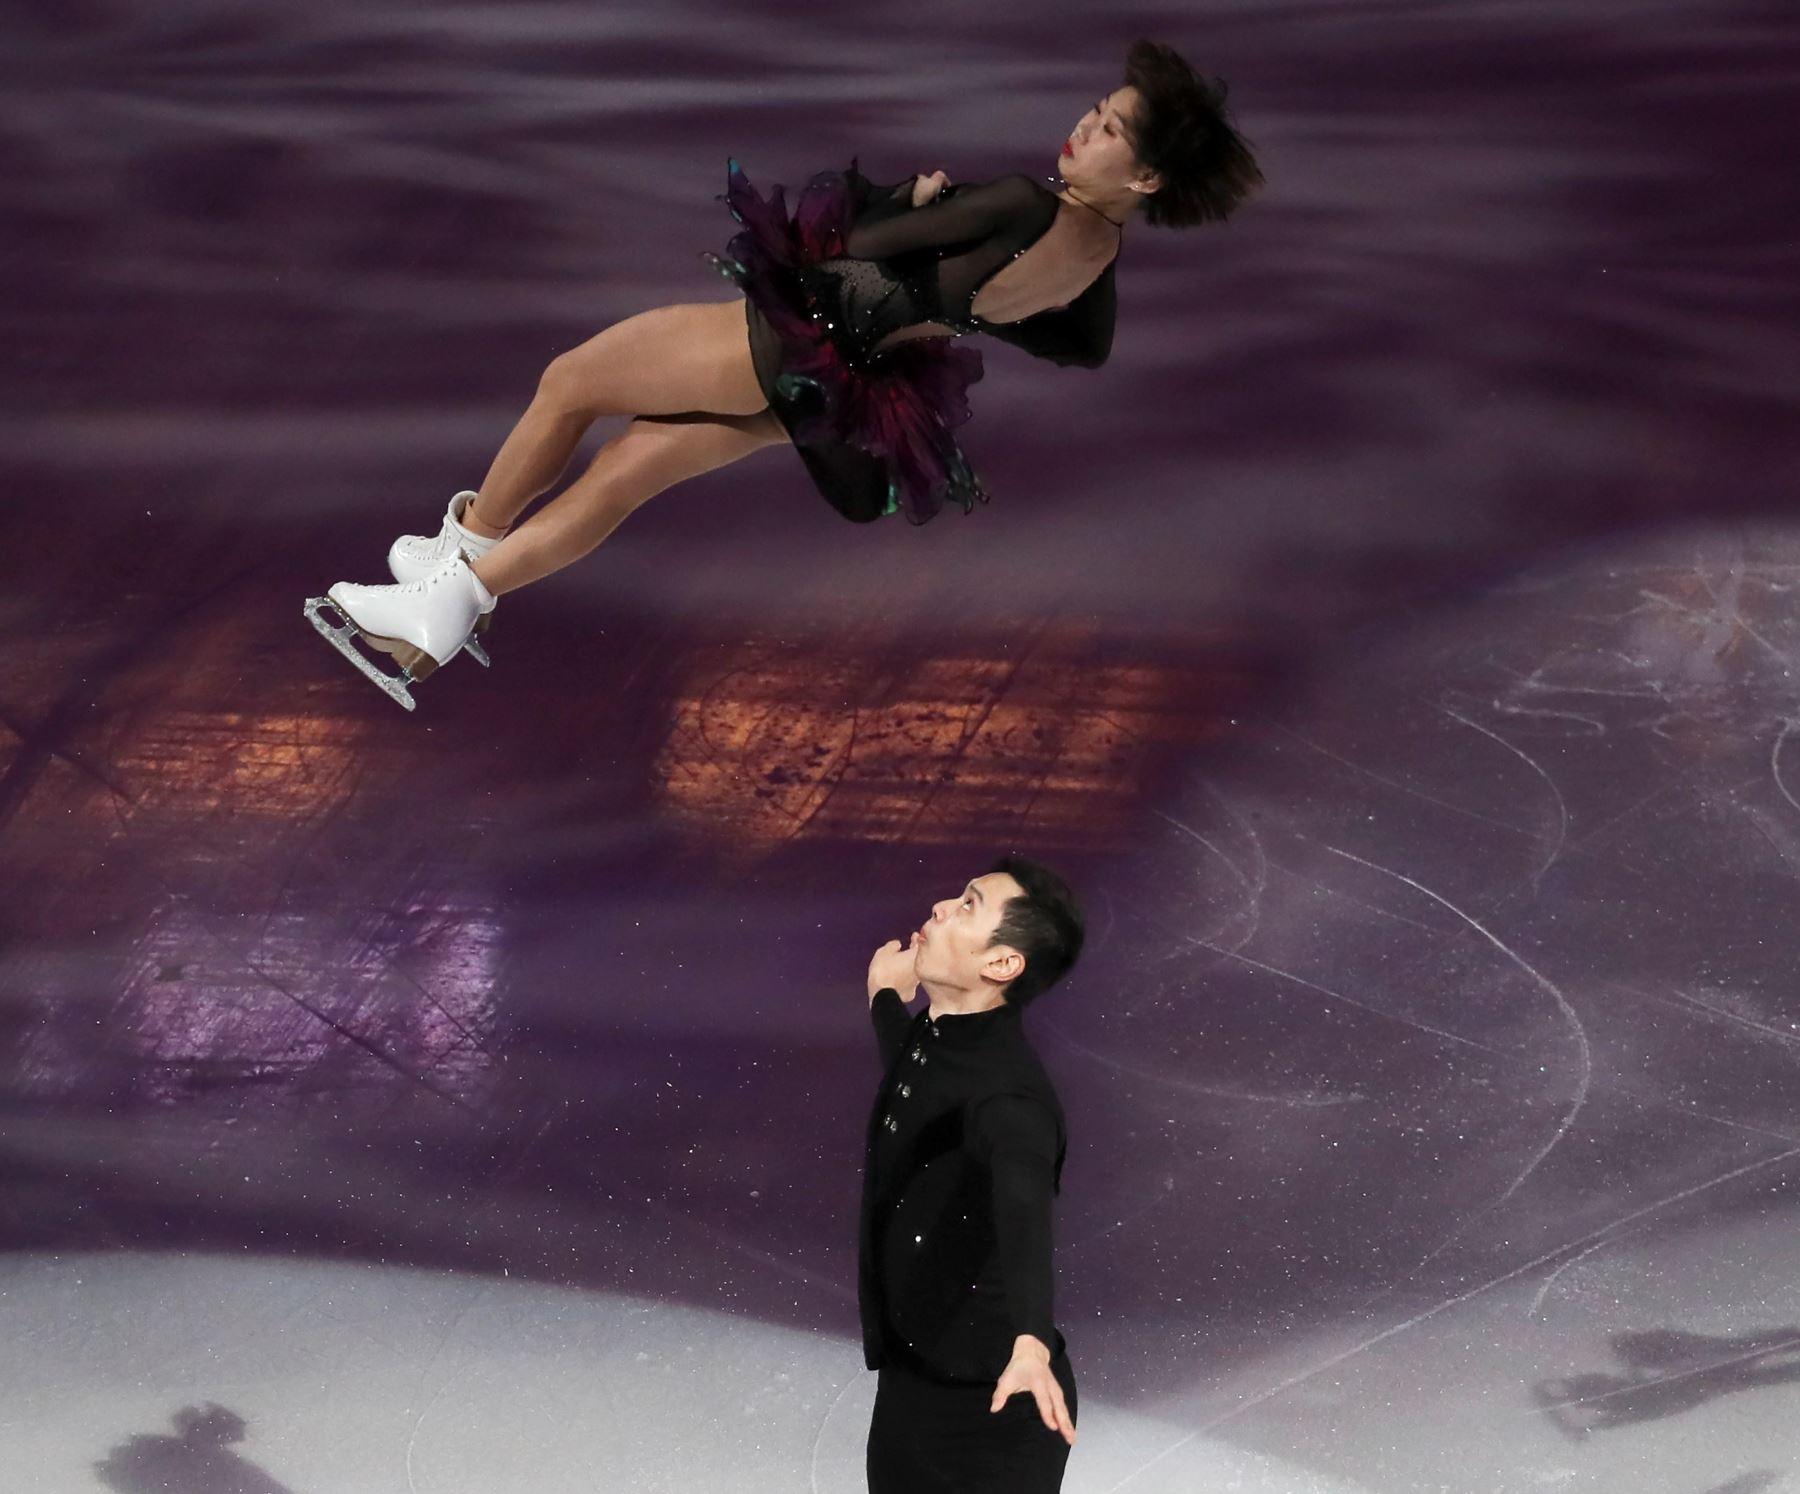 os patinadores chinos Cheng Peng y Yang Jin durante el programa corto por parejas de los Campeonatos de los Cuatro Continentes de patinaje Artístico sobre Hielo, este domingo en el Honda Center de Anaheim, California (Estados Unidos). EFE/ Alex Gallardo